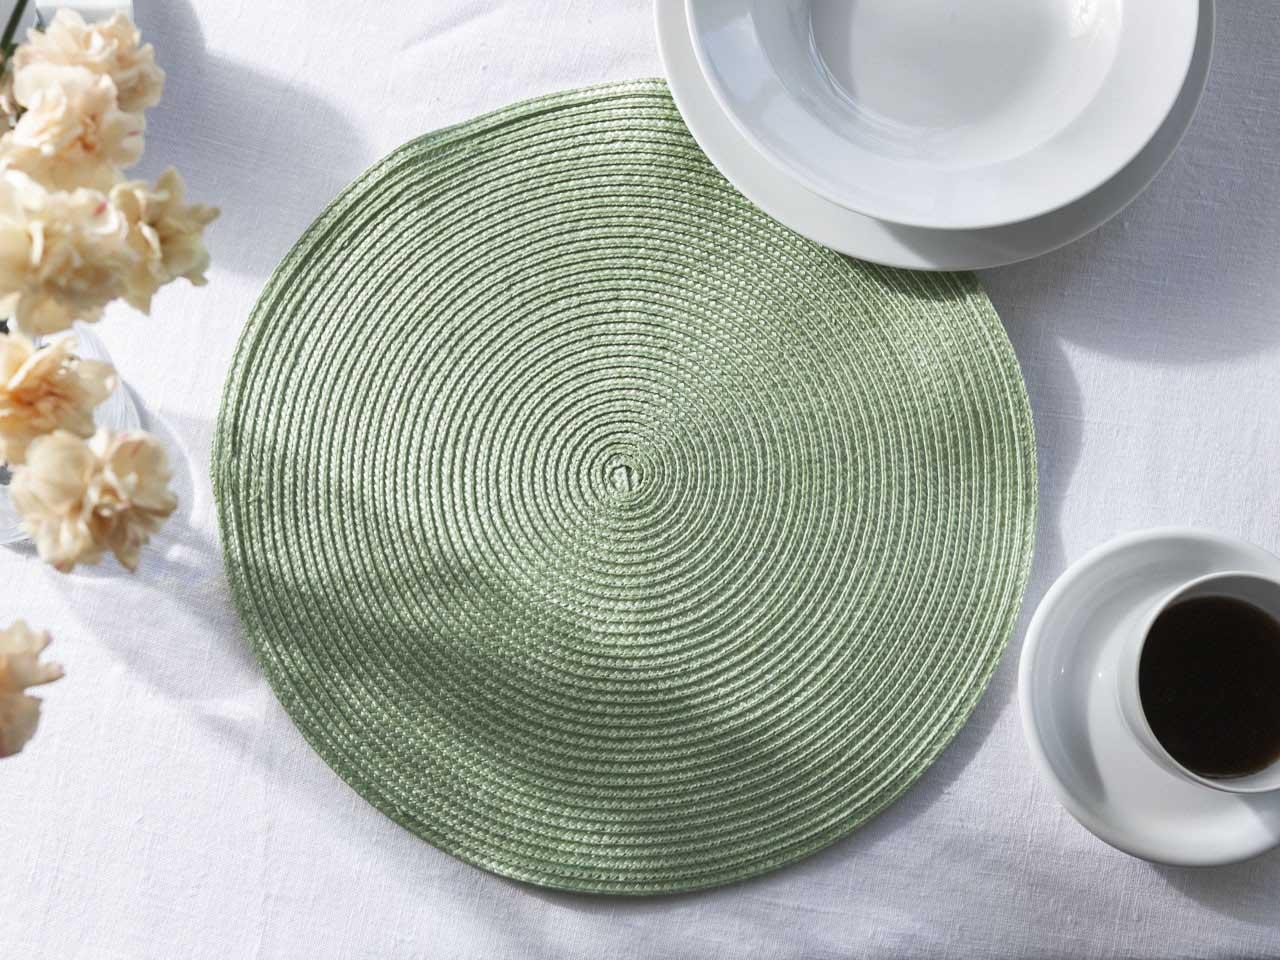 Podkładka na stół / mata stołowa słomkowa Altom Design 38 cm Zielony